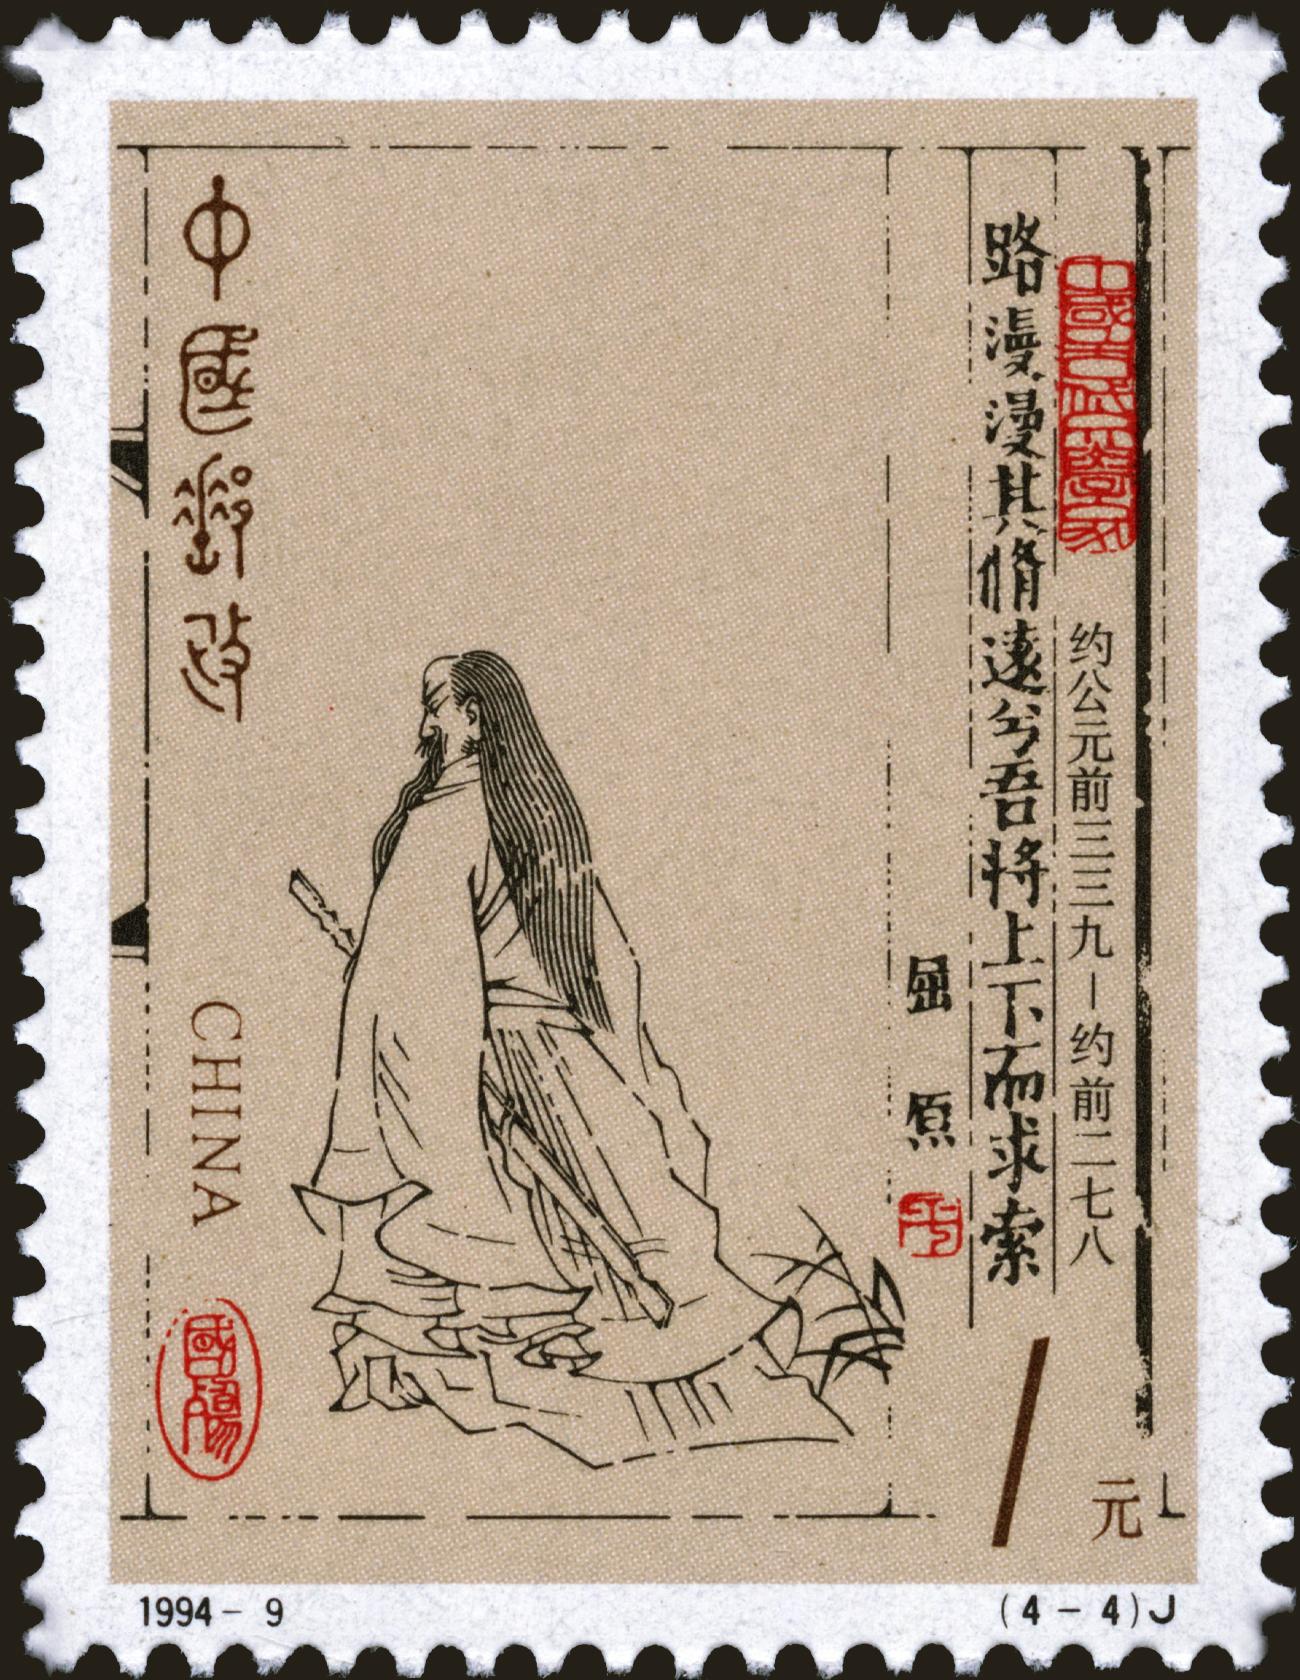 中国邮政1994年9月发行纪念邮票《屈原》